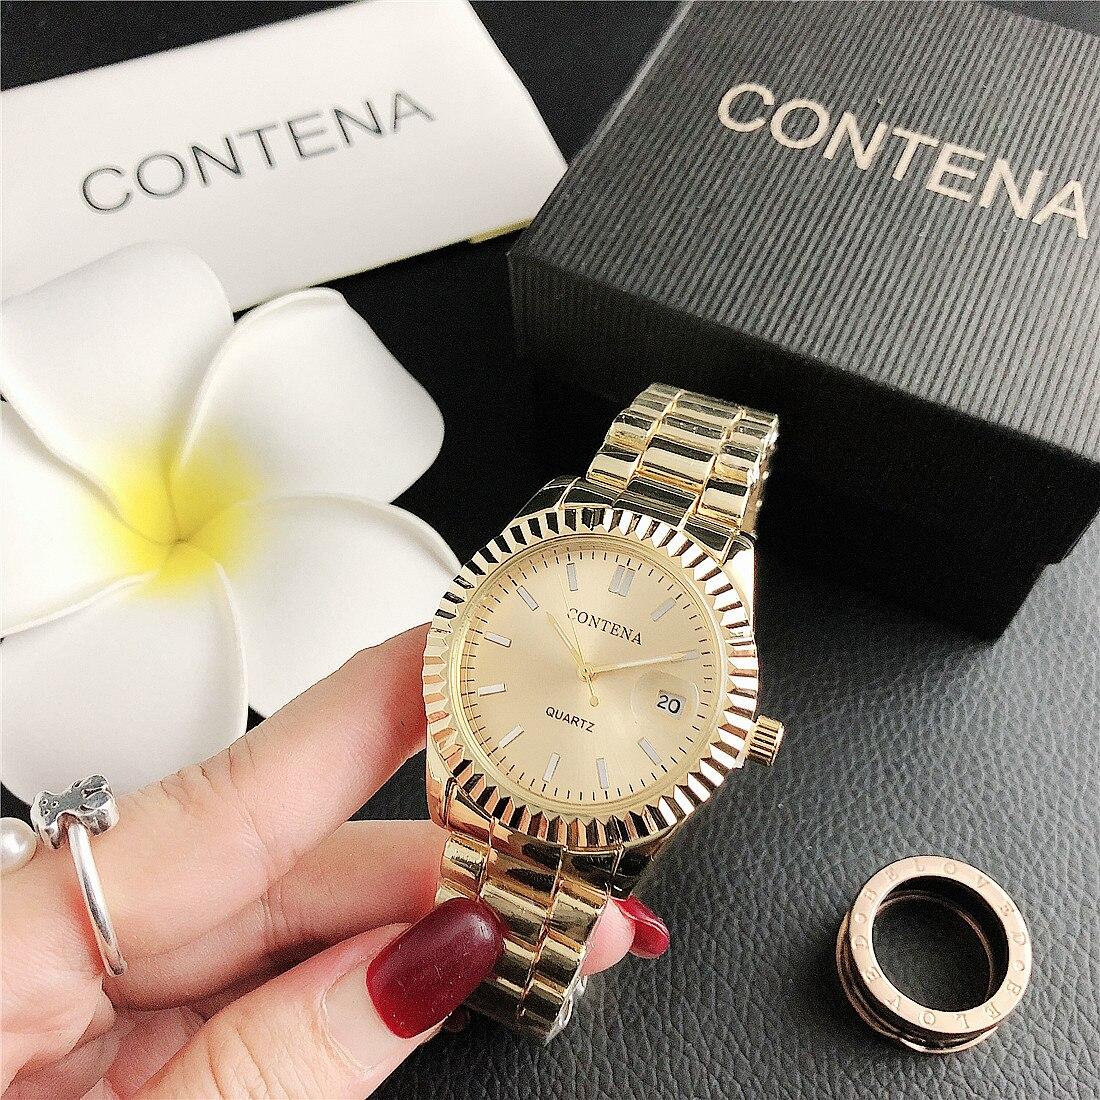 CONTENA 2020 nouveau modèle femmes montres mode luxe femmes Quartz montre-bracelet relogios reloj mujer montres